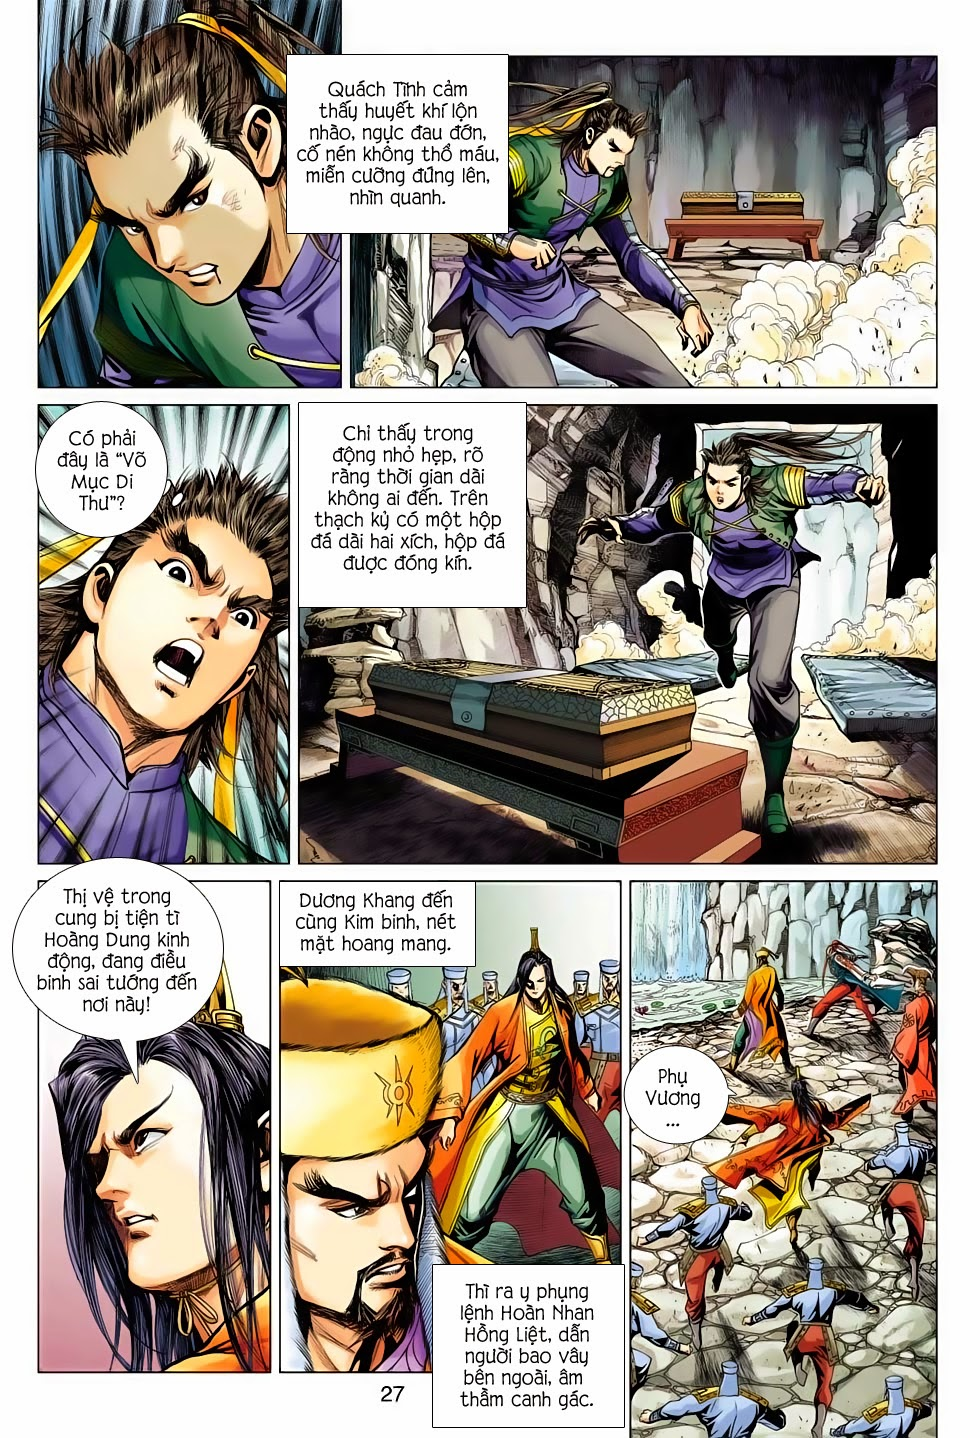 Anh Hùng Xạ Điêu Xạ Điêu Anh Hùng Truyện 056 - Truyenmoi.xyz